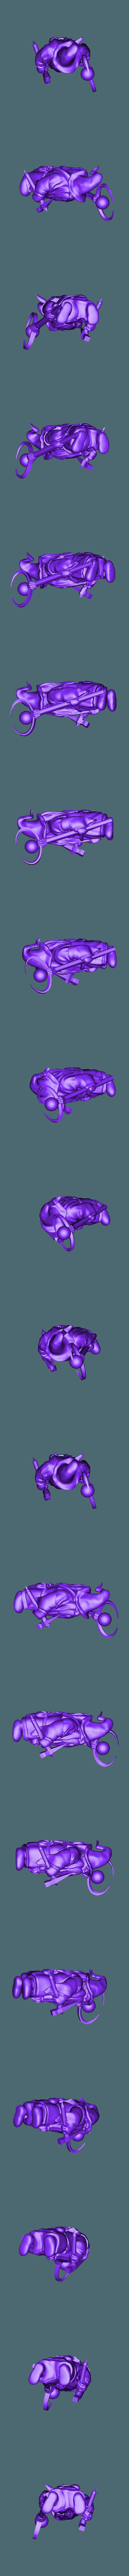 Dwarf_Wizard.stl Télécharger fichier STL gratuit Mignonnette - Dwarf Wizard (2017) • Design pour imprimante 3D, whackolantern